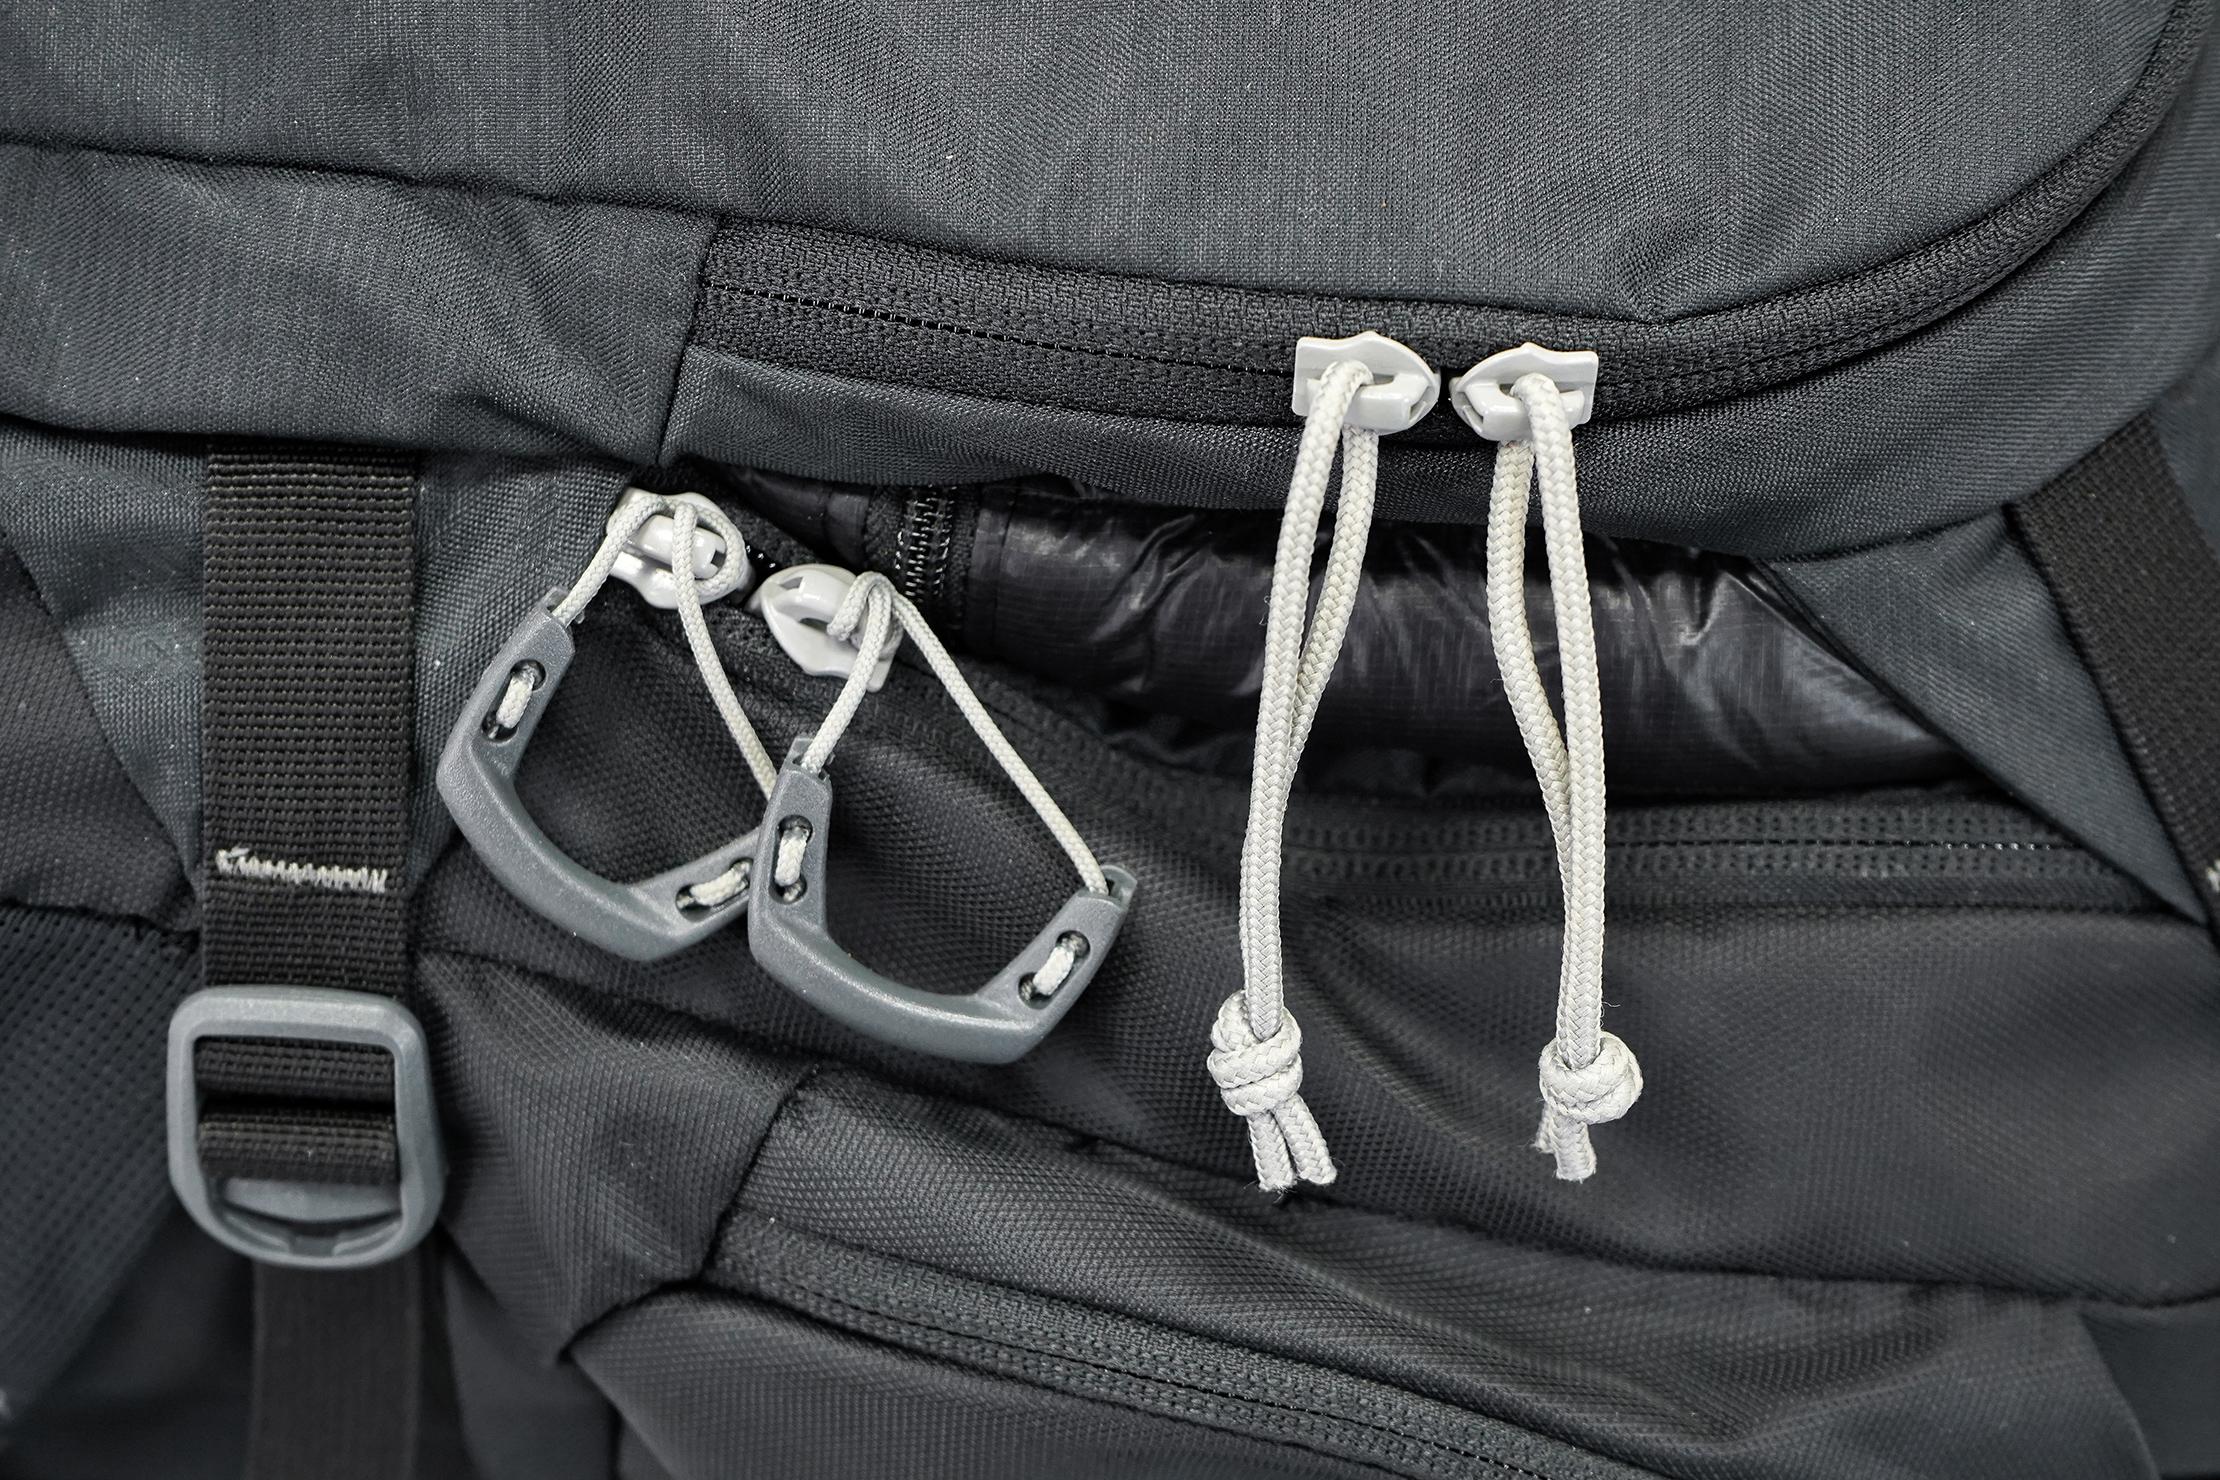 Kelty Redwing 40 Zipper Pulls